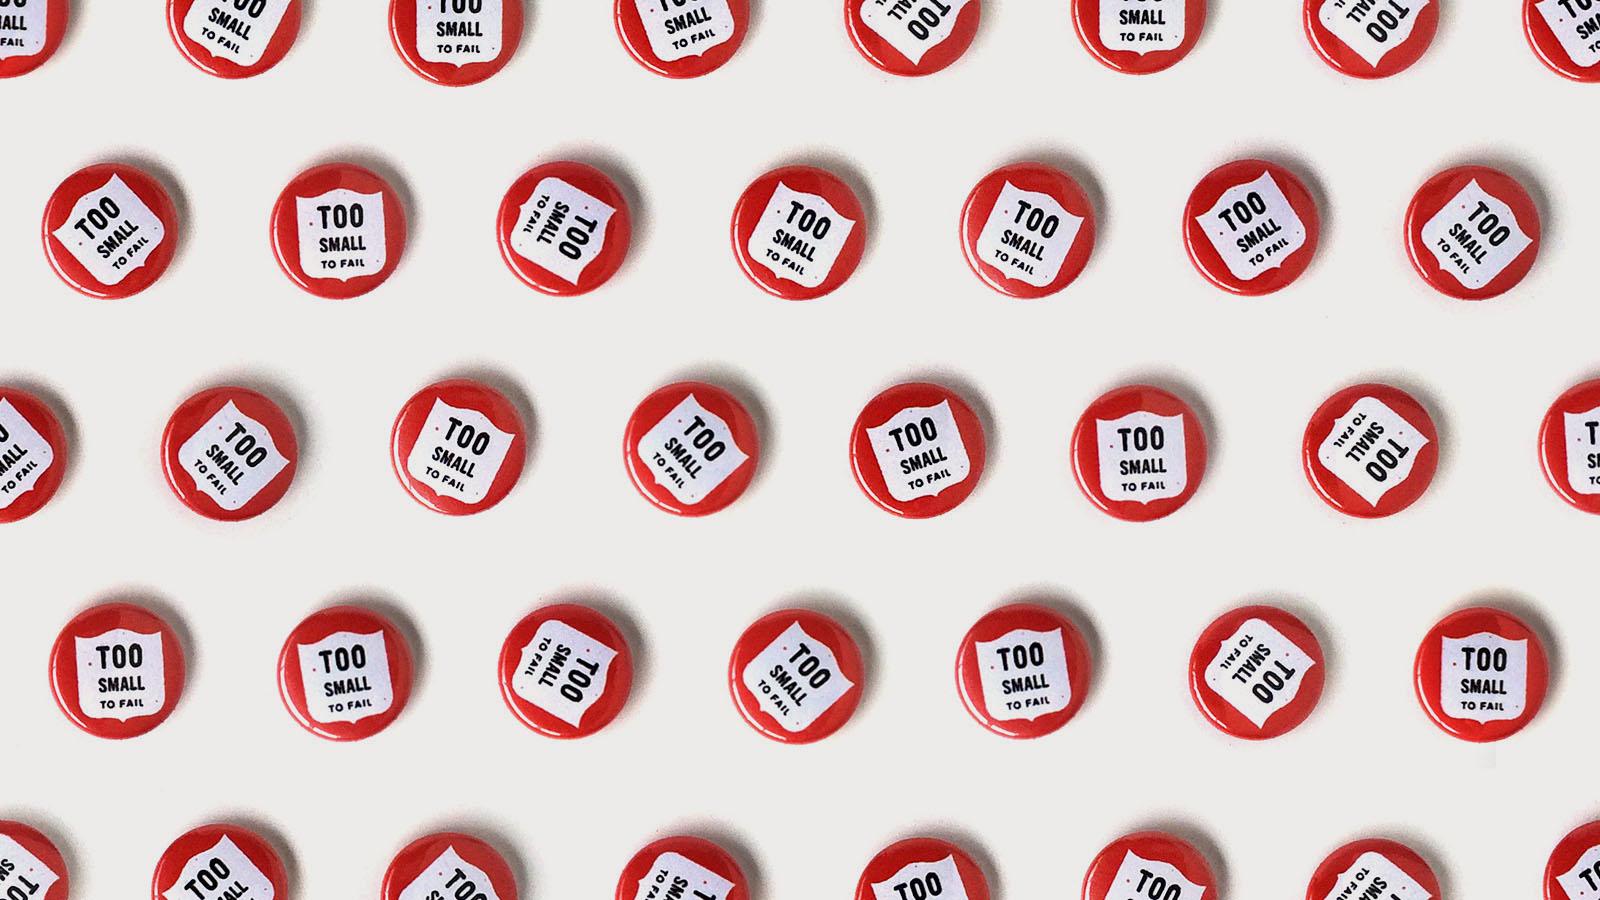 TSTF-buttons.jpg